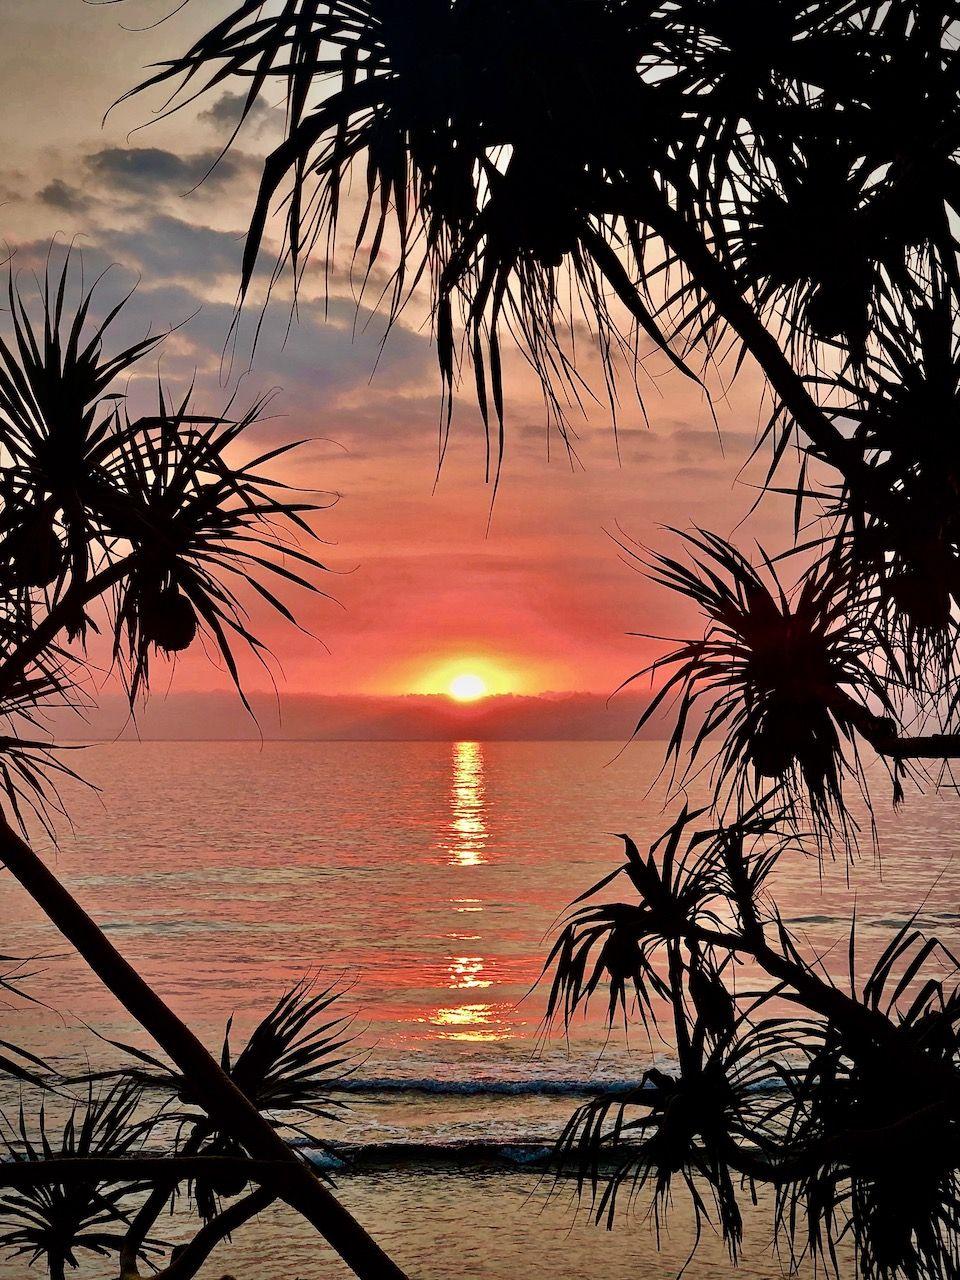 Coucher De Soleil A Lombok Bali Paysage Coucher De Soleil Photo Coucher De Soleil Fond D Ecran Vacances